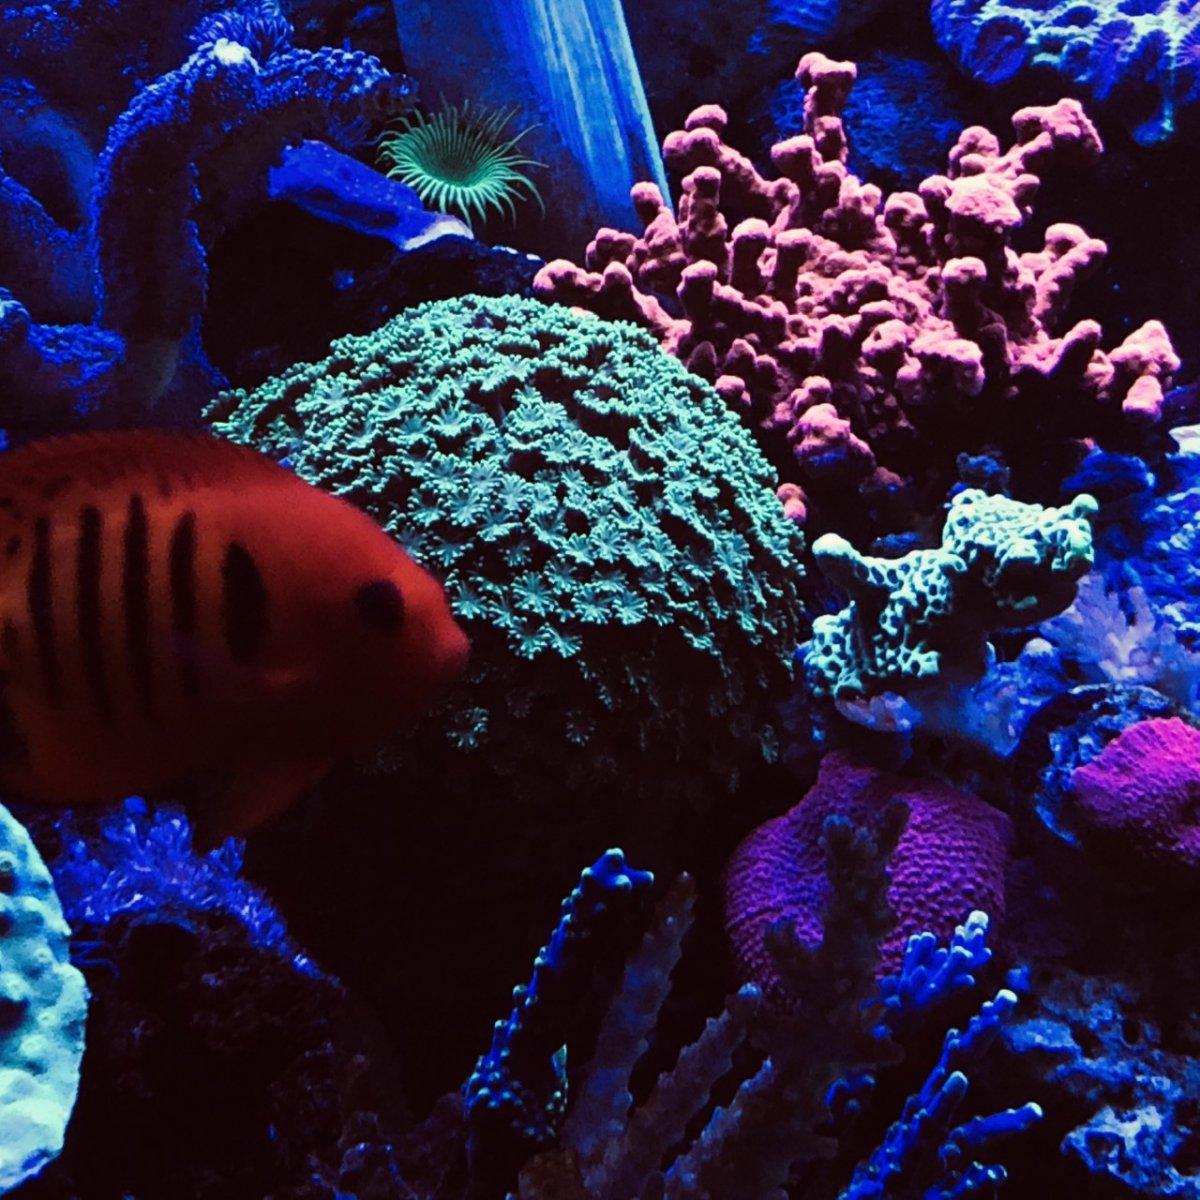 360g corals2.jpg